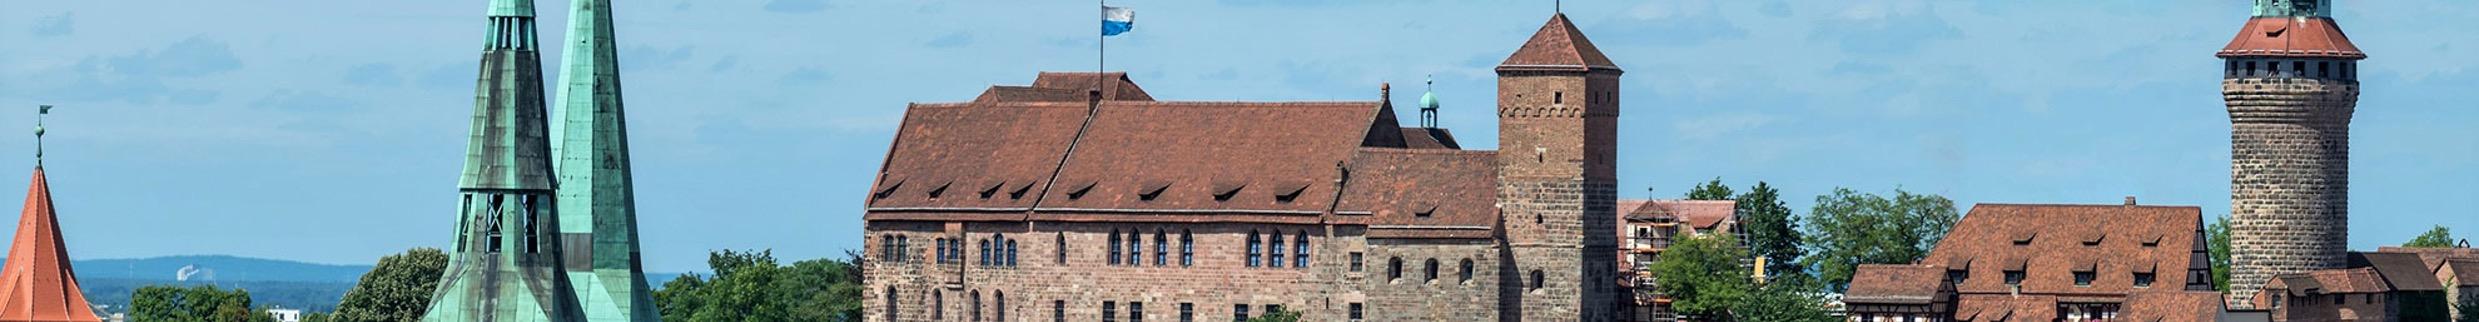 Standorte Nuernberg Header